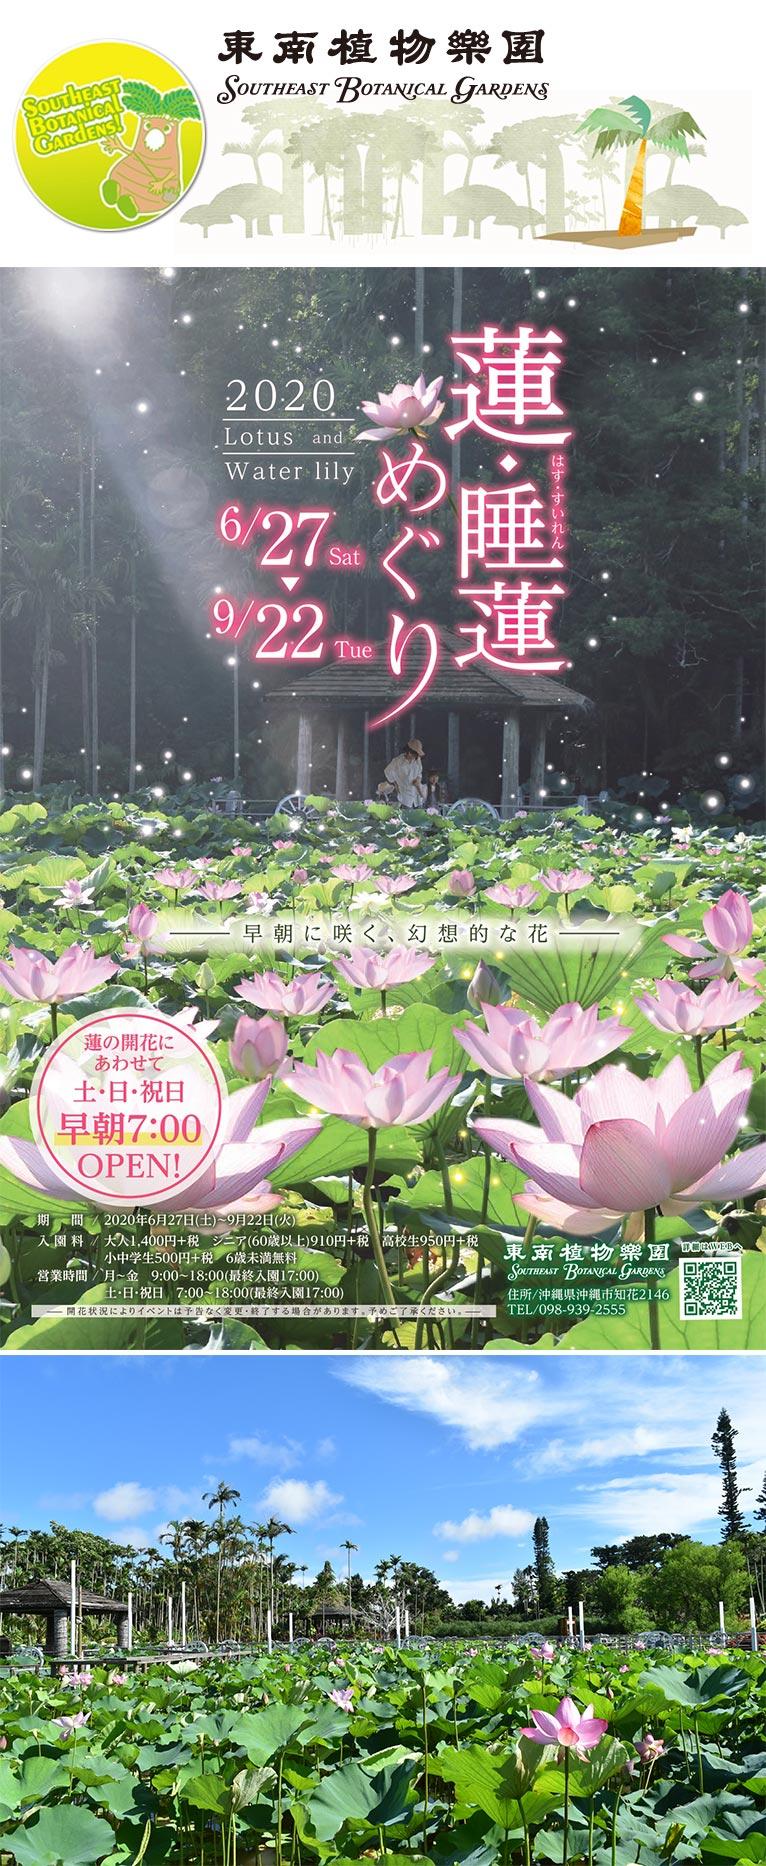 2020年6月27日~9月22日 蓮・睡蓮めぐり 東南植物楽園